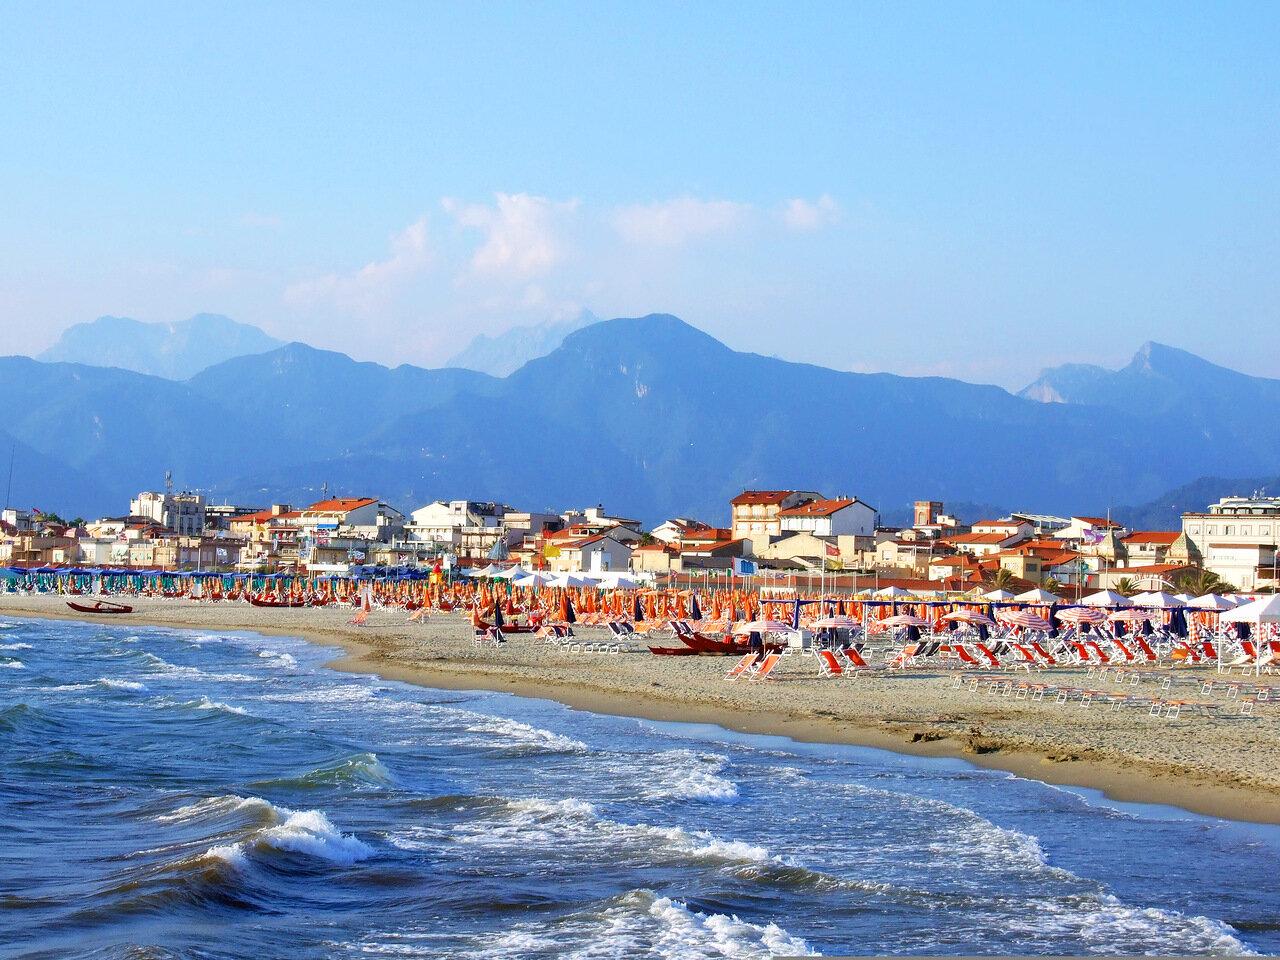 Городской пляж на курорте Виареджо (Viareggio)